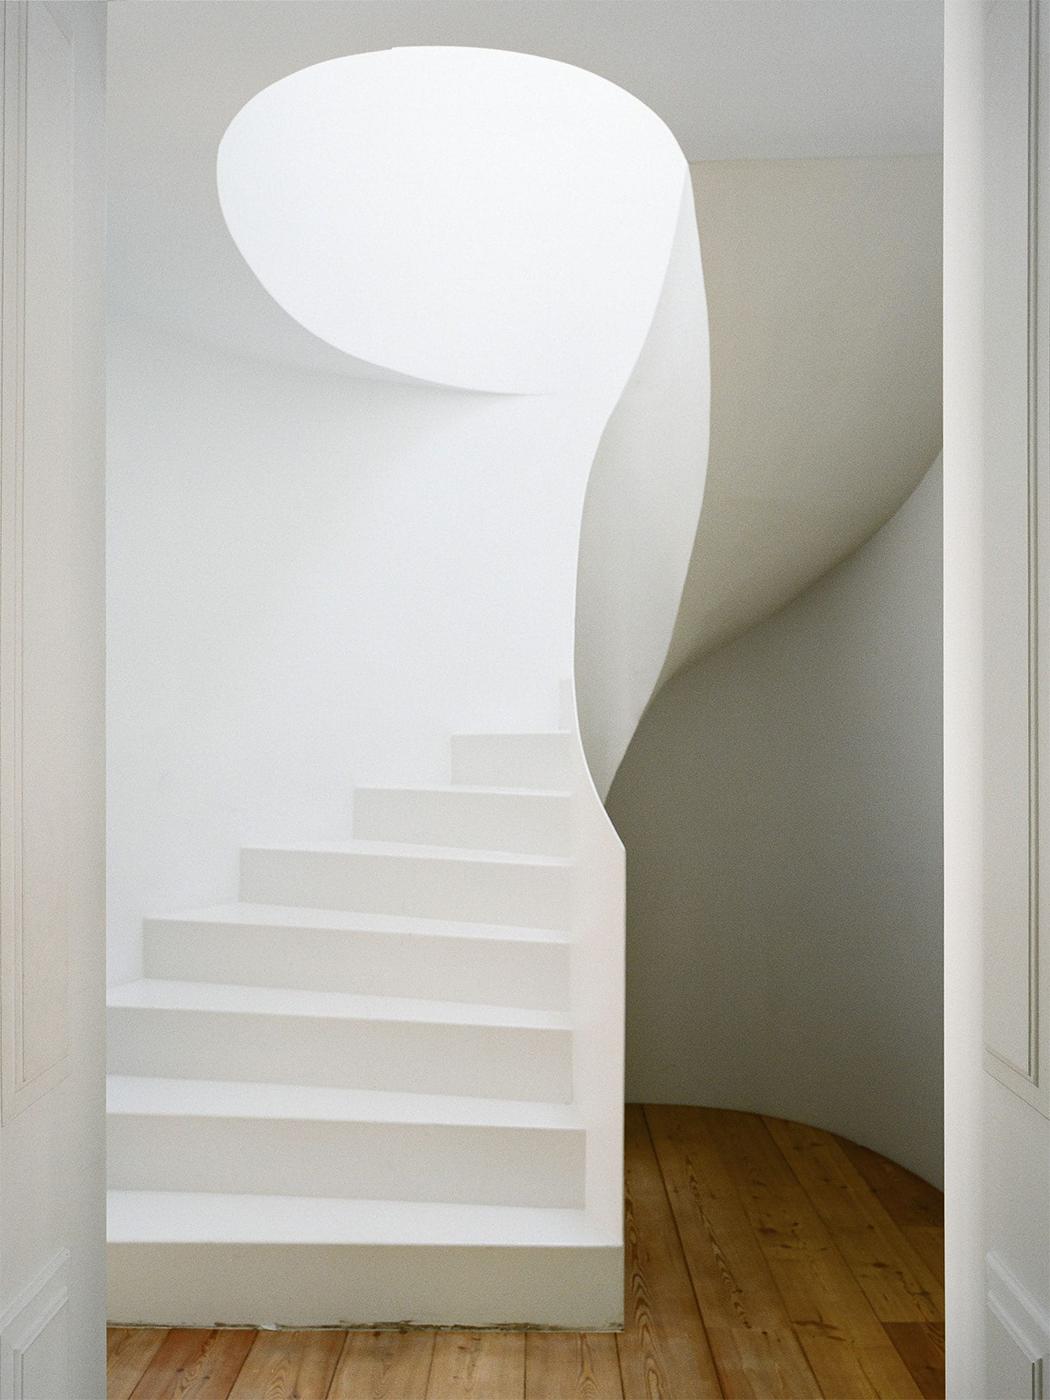 Atelier Cecílio De Sousa in Lisbon, Portugal.png